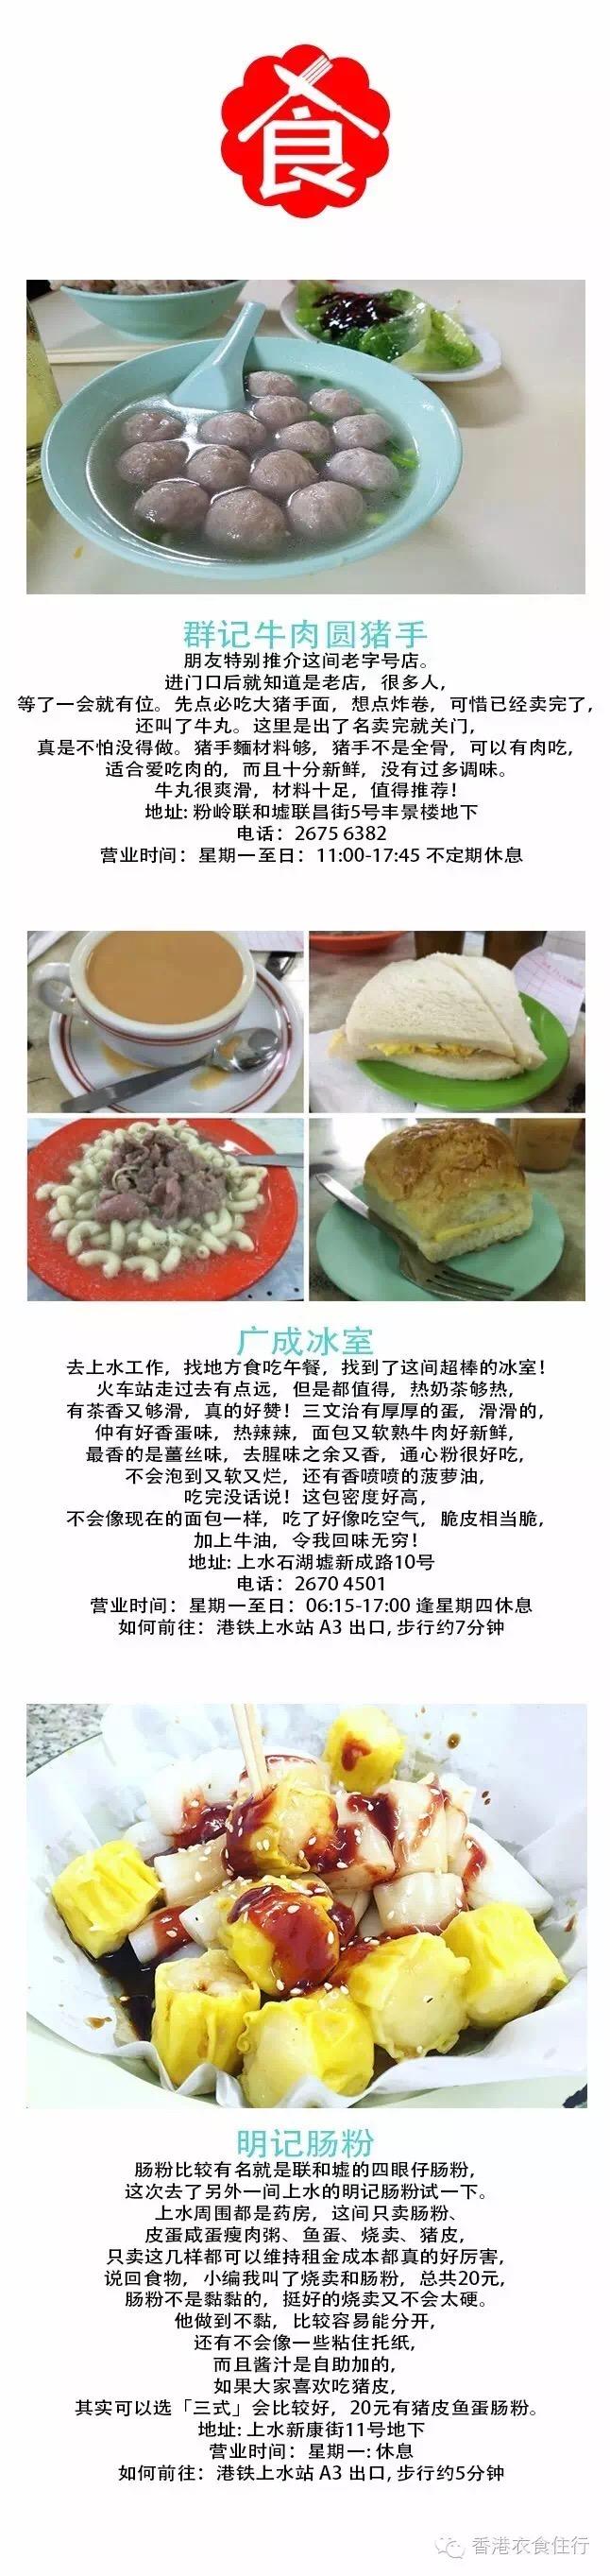 香港【衣食住行】之北区篇